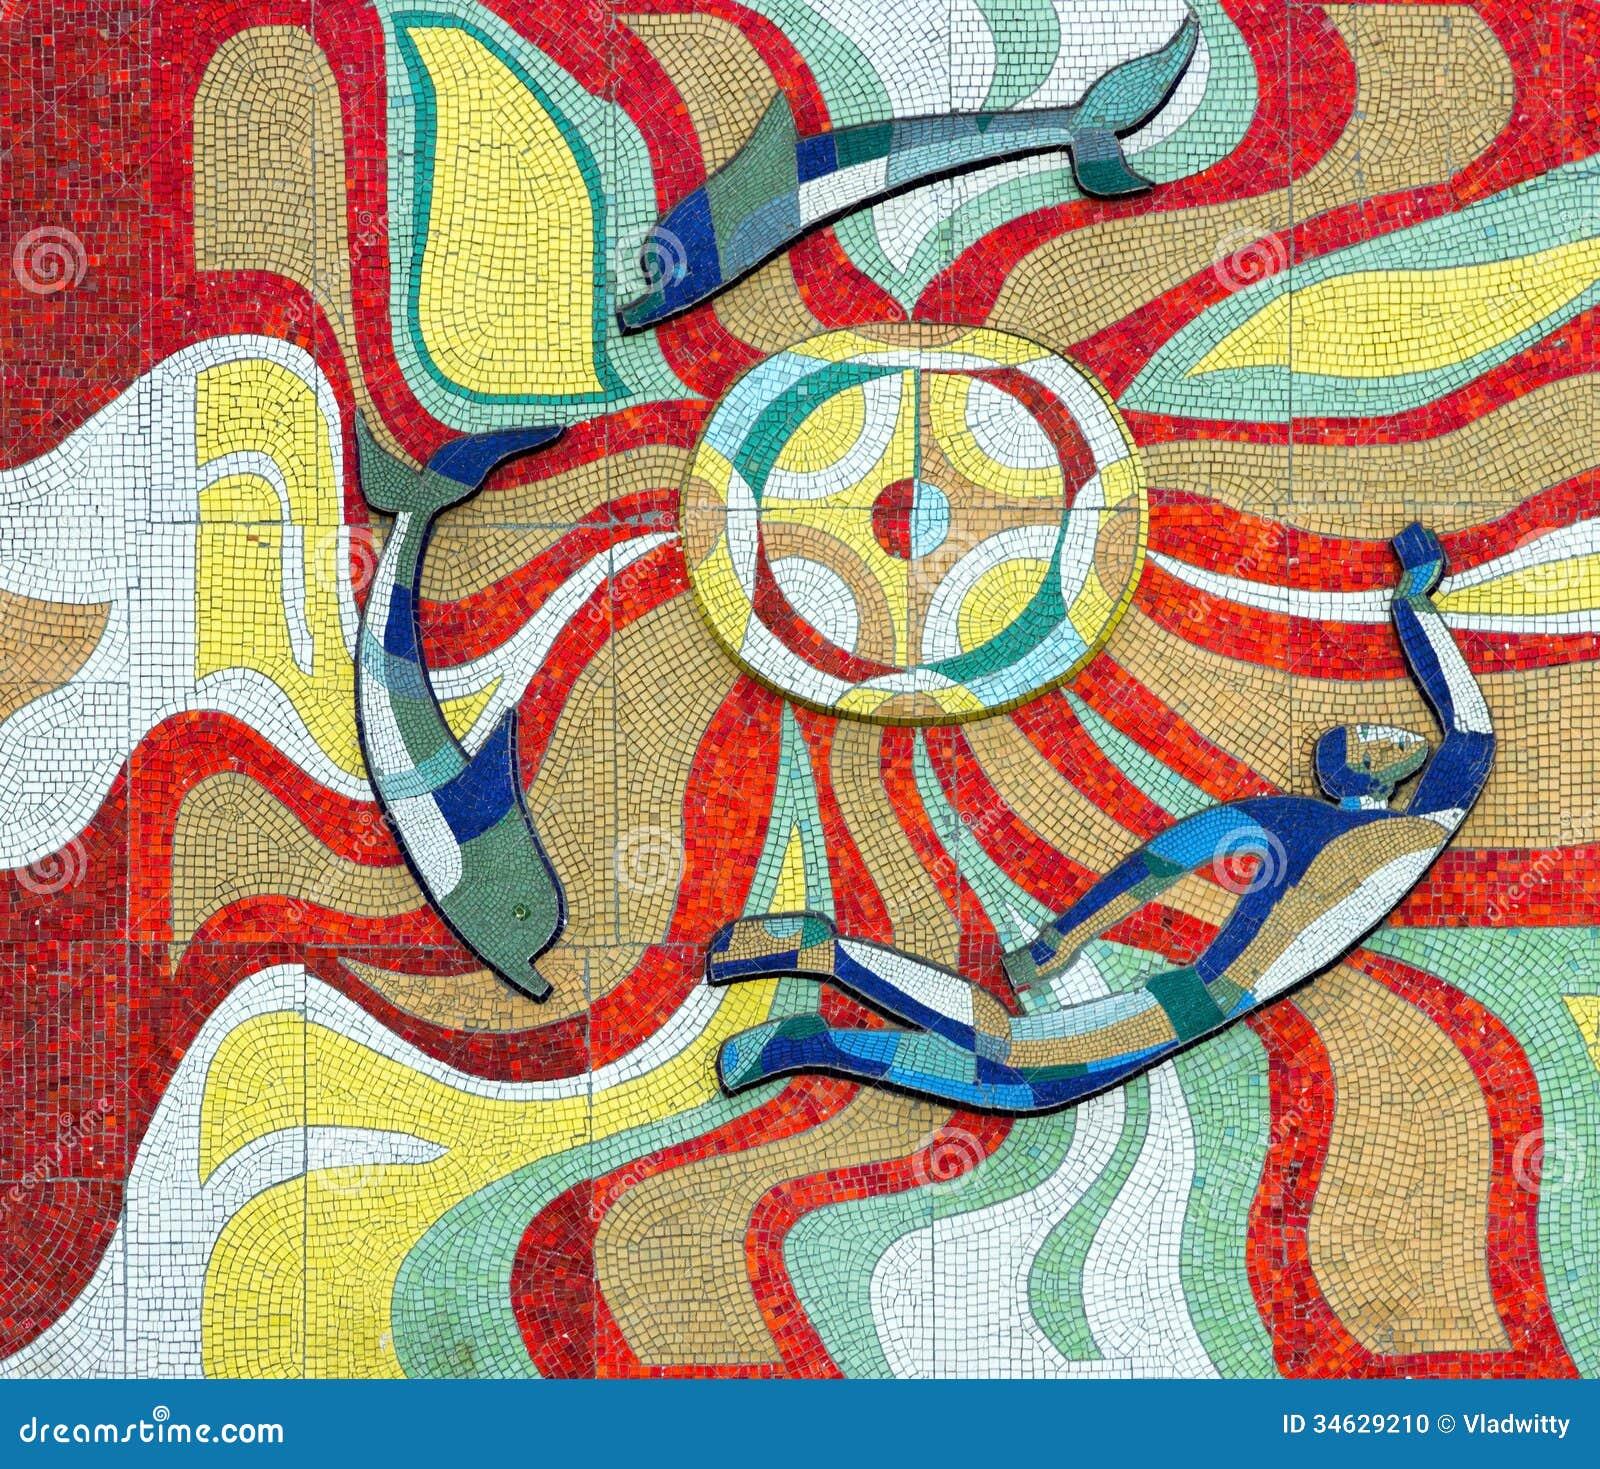 Mosaique Decorative